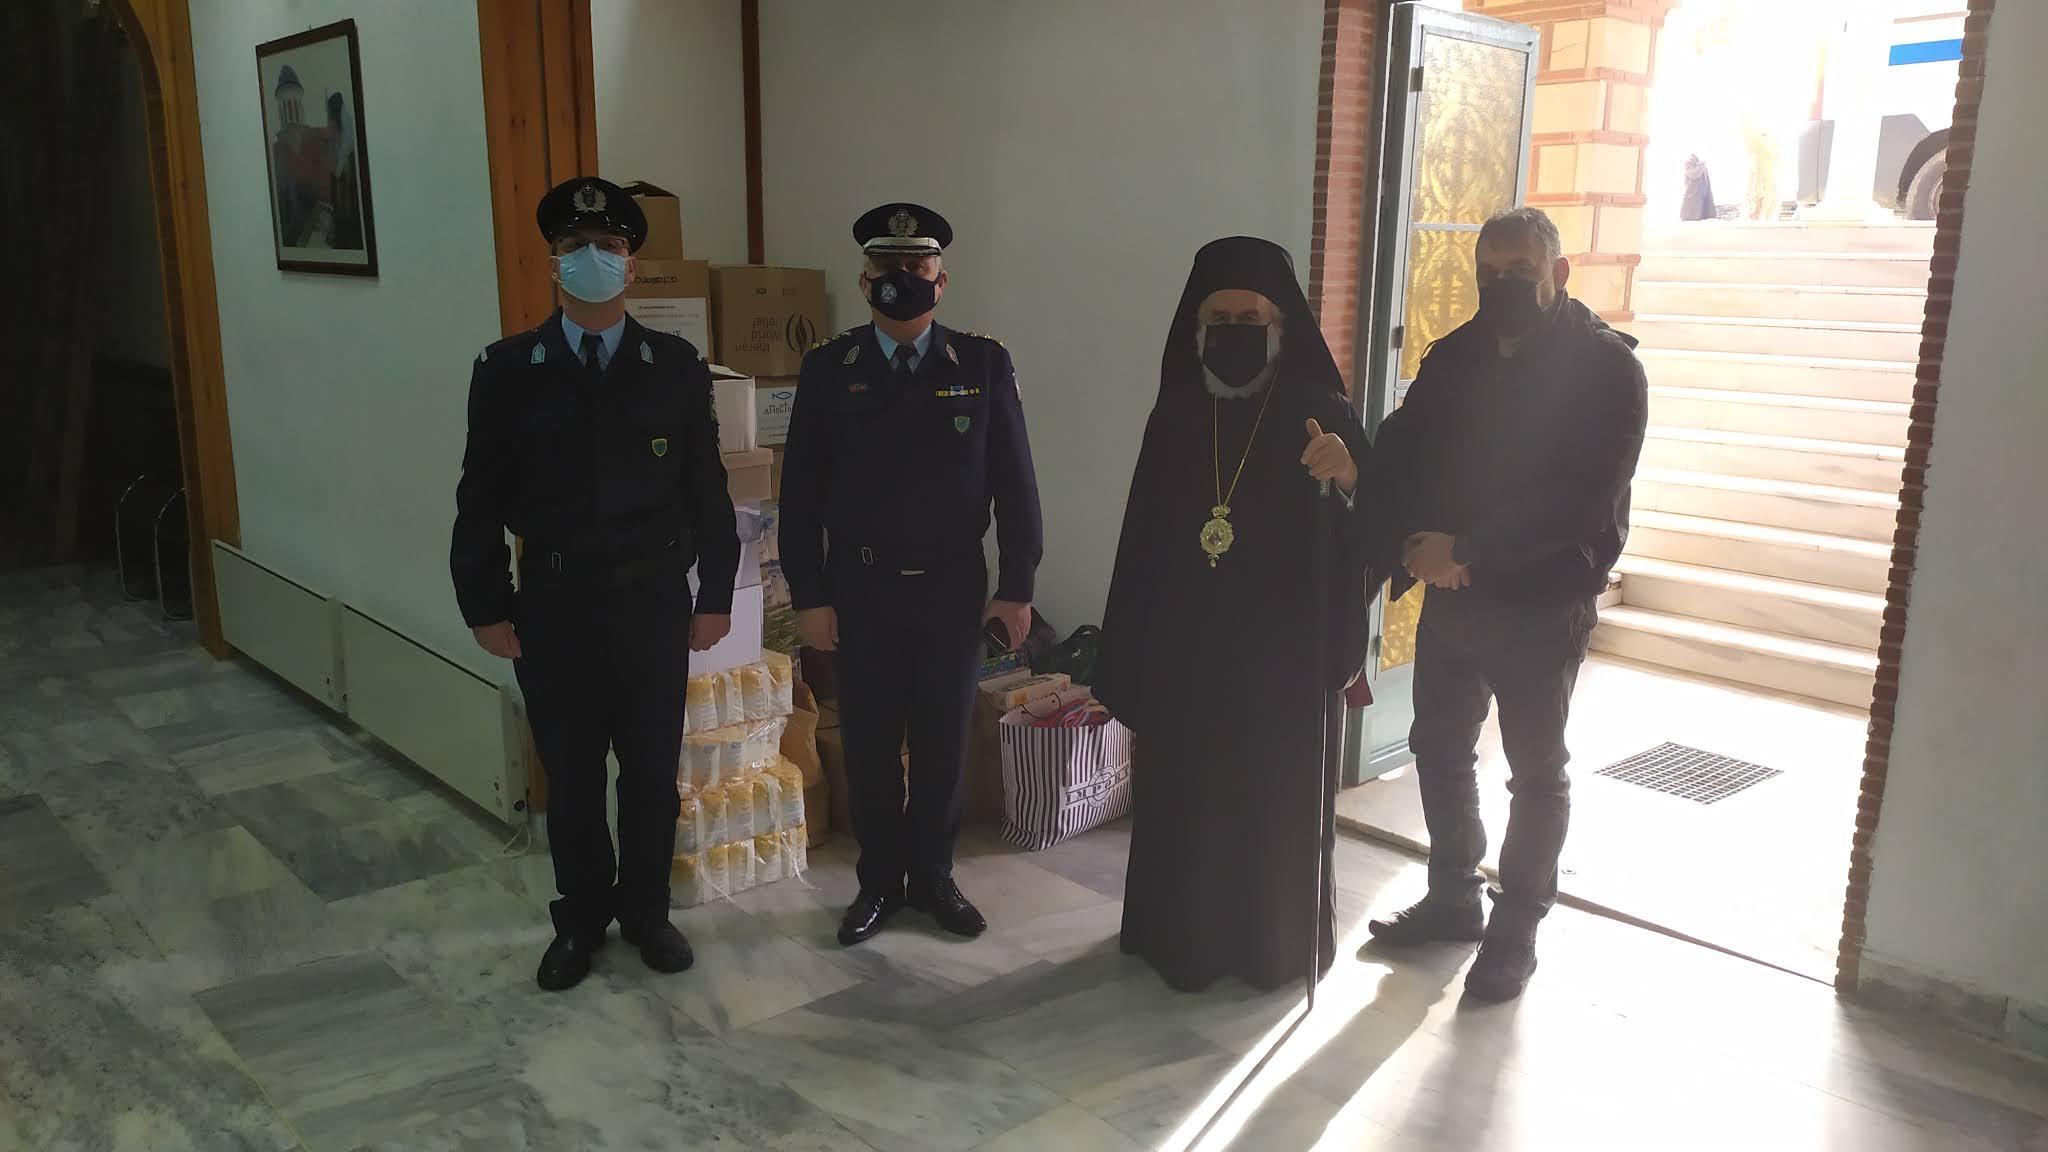 Ξάνθη: Τρόφιμα από την Αστυνομία στο Παντοπωλείο της Μητρόπολης